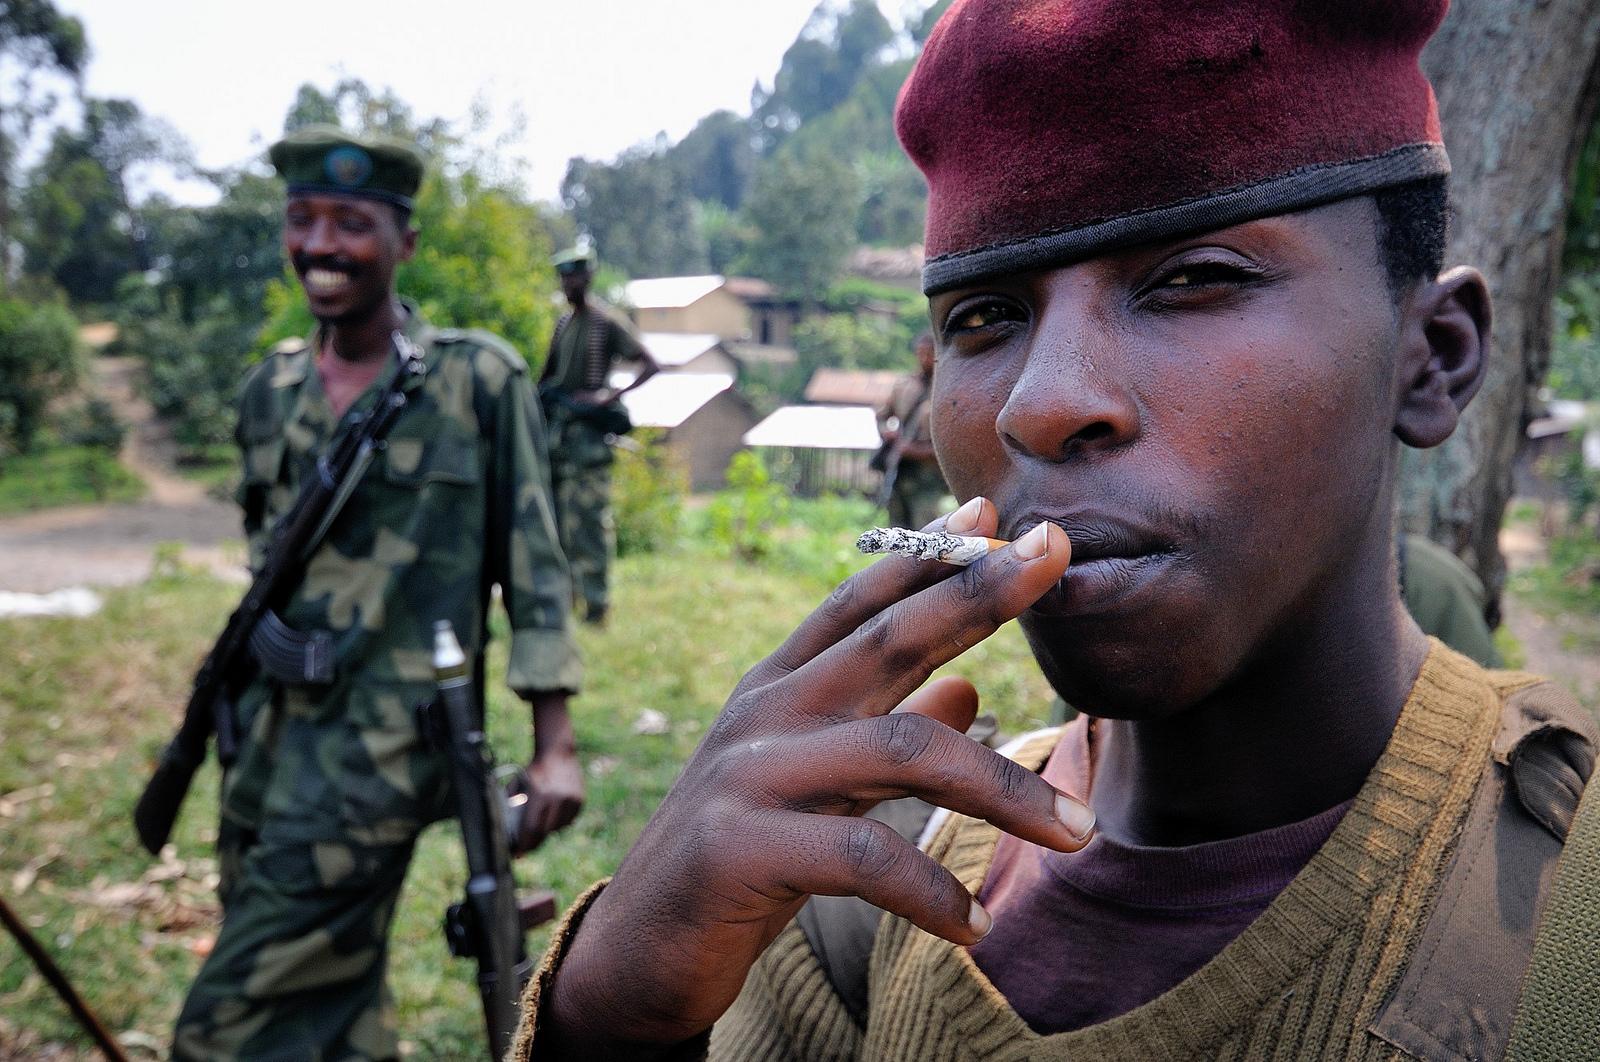 Geben sich Gesprächsbereit: Rebellen der M23 (Bewegung des 23. März) © Al Jazeera English